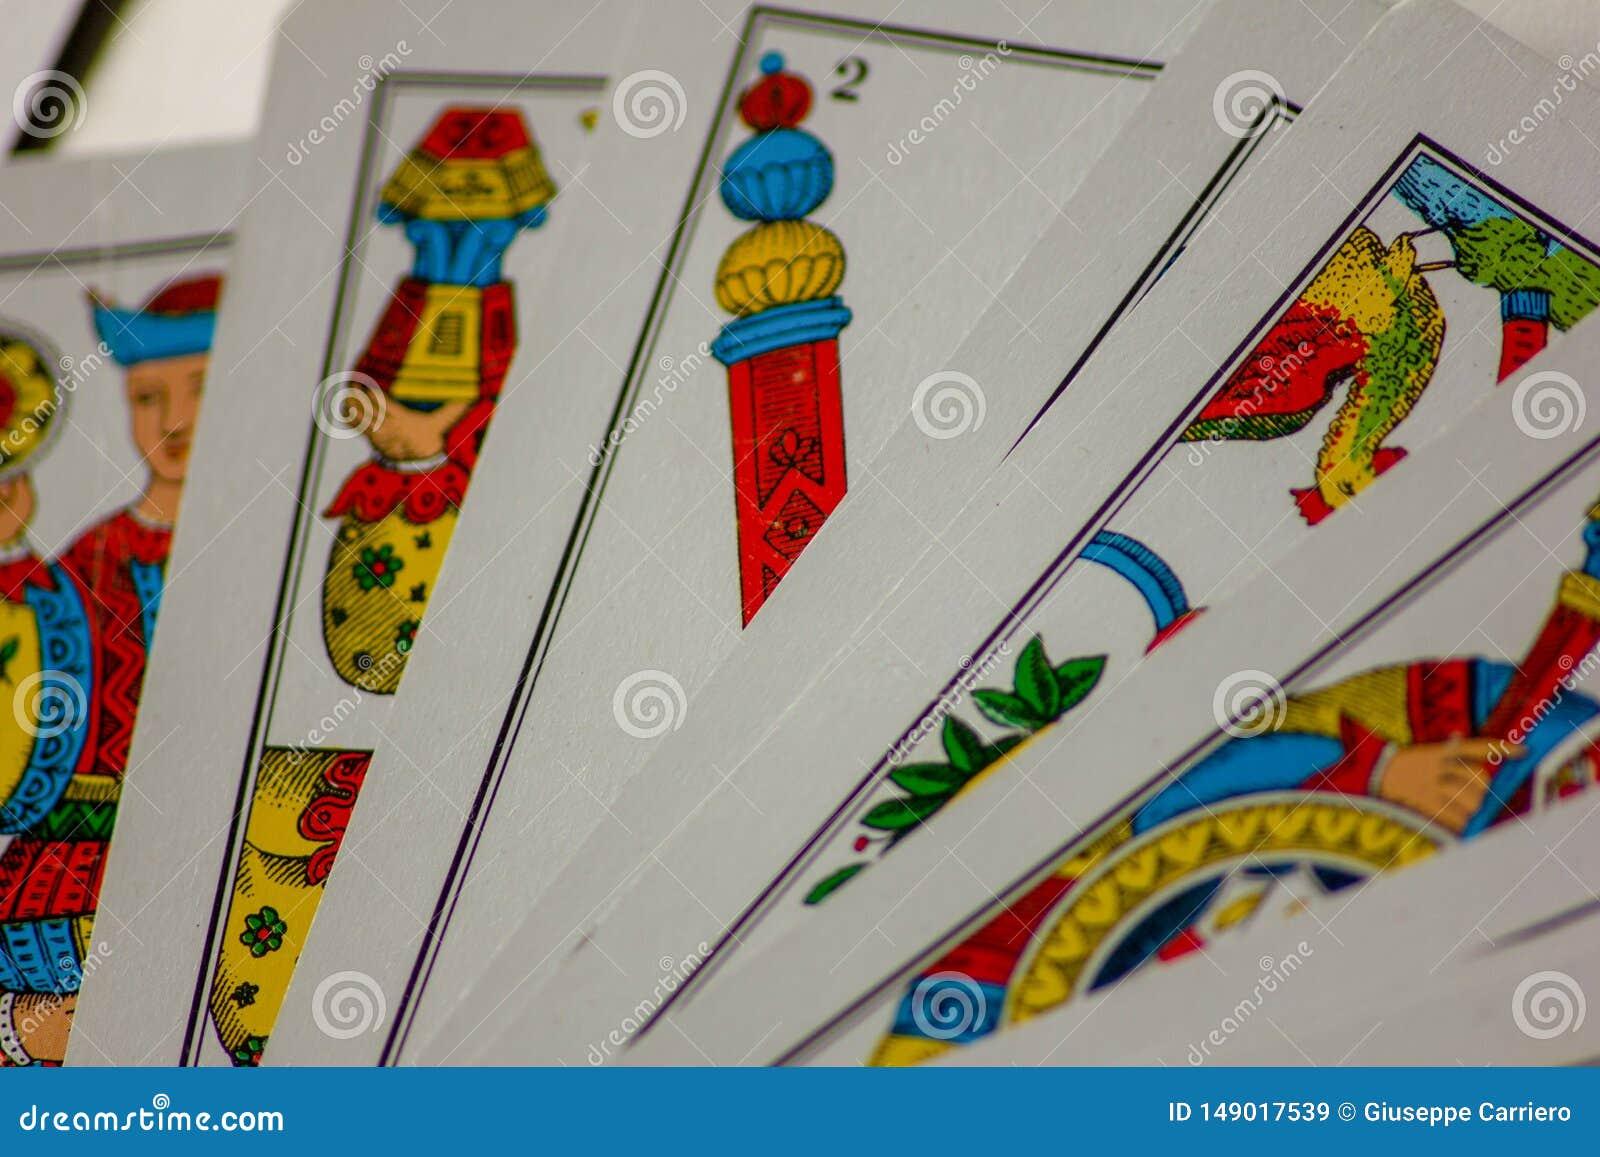 Το παιχνίδι καρτών περάσματα από τις οικογένειες στο νέο έτος για τη διασκέδαση στις χαρτοπαικτικές λέσχες αυτό είναι μια δέσμη τ